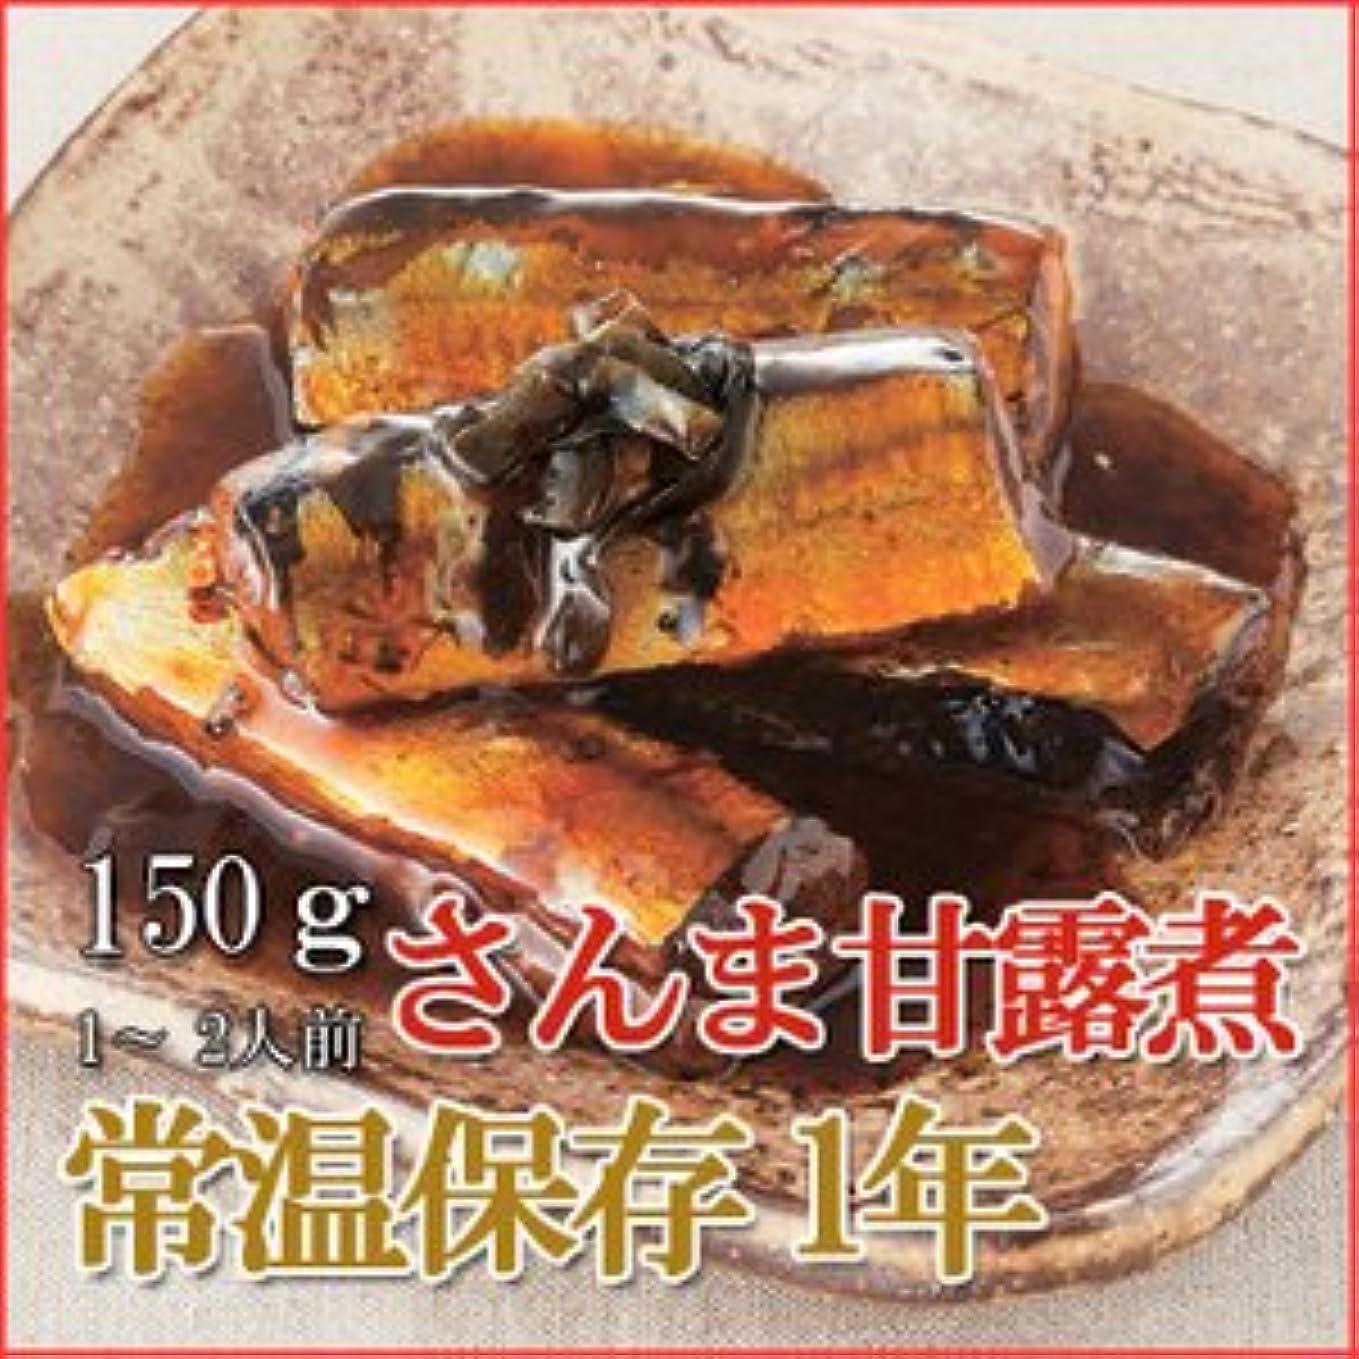 日帰り旅行に作詞家シフトレトルト 和風 煮物 さんま甘露煮 150g (1-2人前) X10個セット (和食 おかず 惣菜)